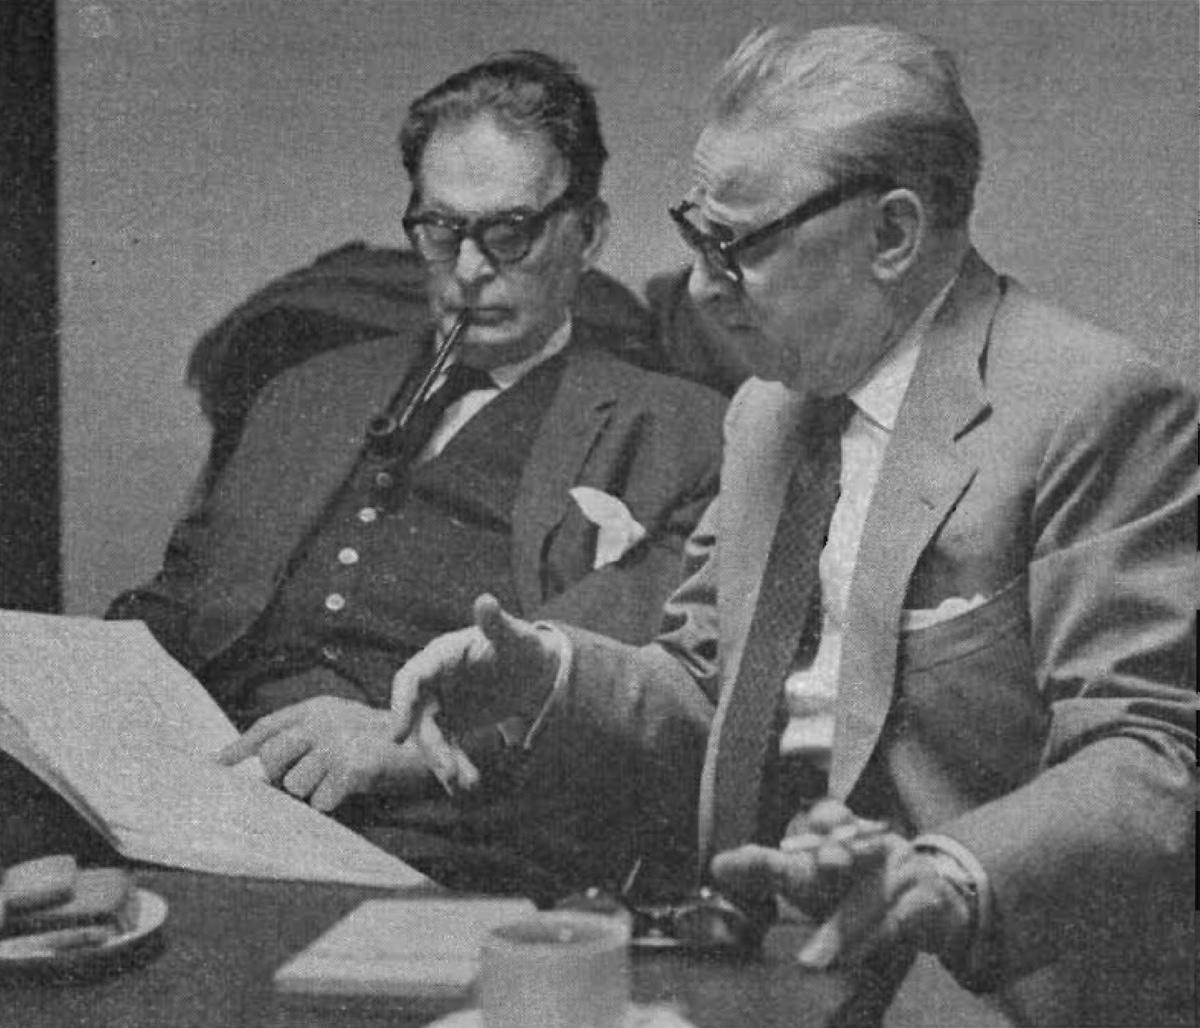 Otto Klemperer et Walter Legge, une photo de Godfrey MacDomnic, env. 1962, cliquer pour une vue agrandie